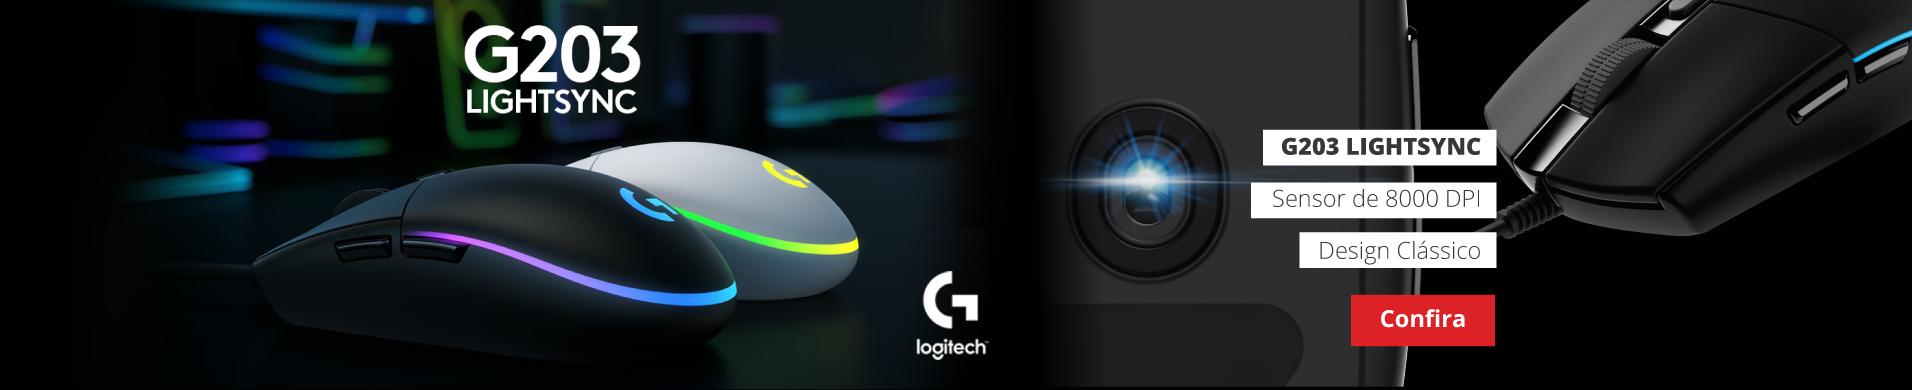 Mouse G203 Logitech